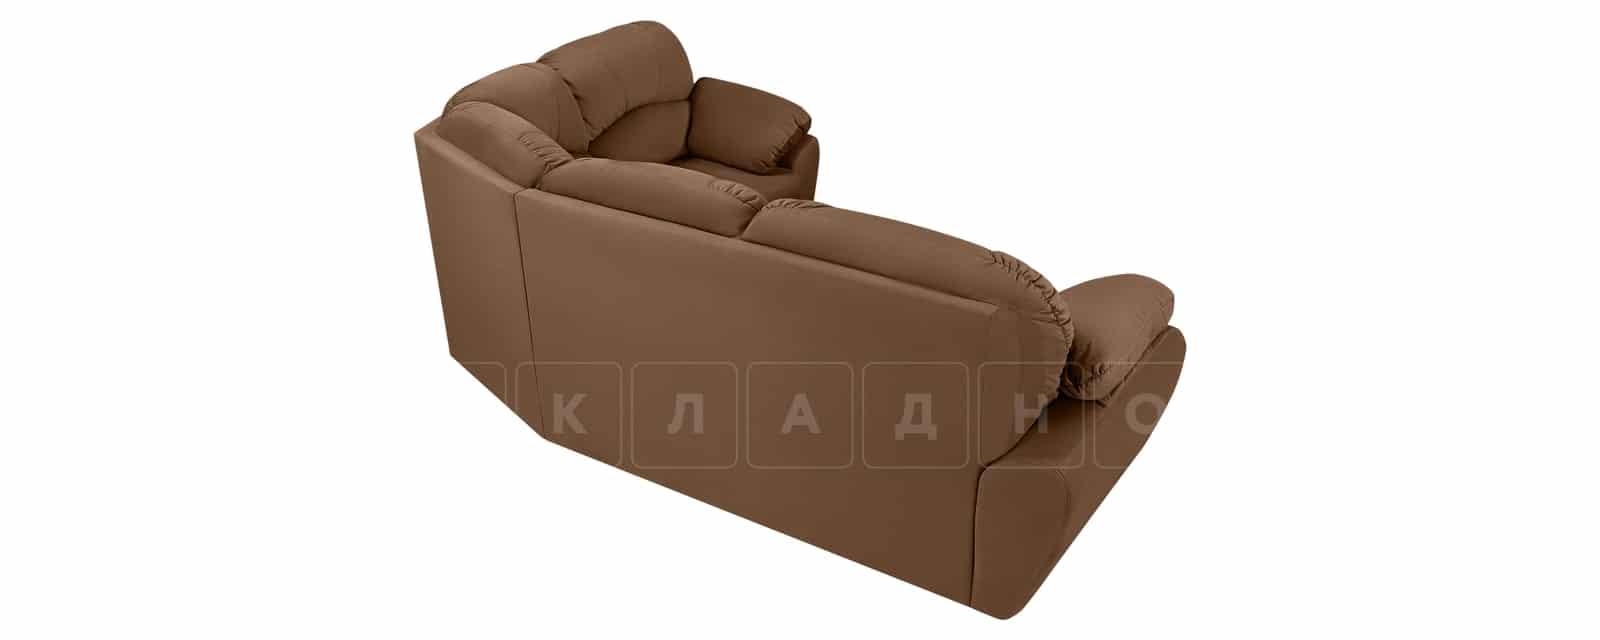 Угловой диван Эвита велюр коричневый правый угол фото 3 | интернет-магазин Складно